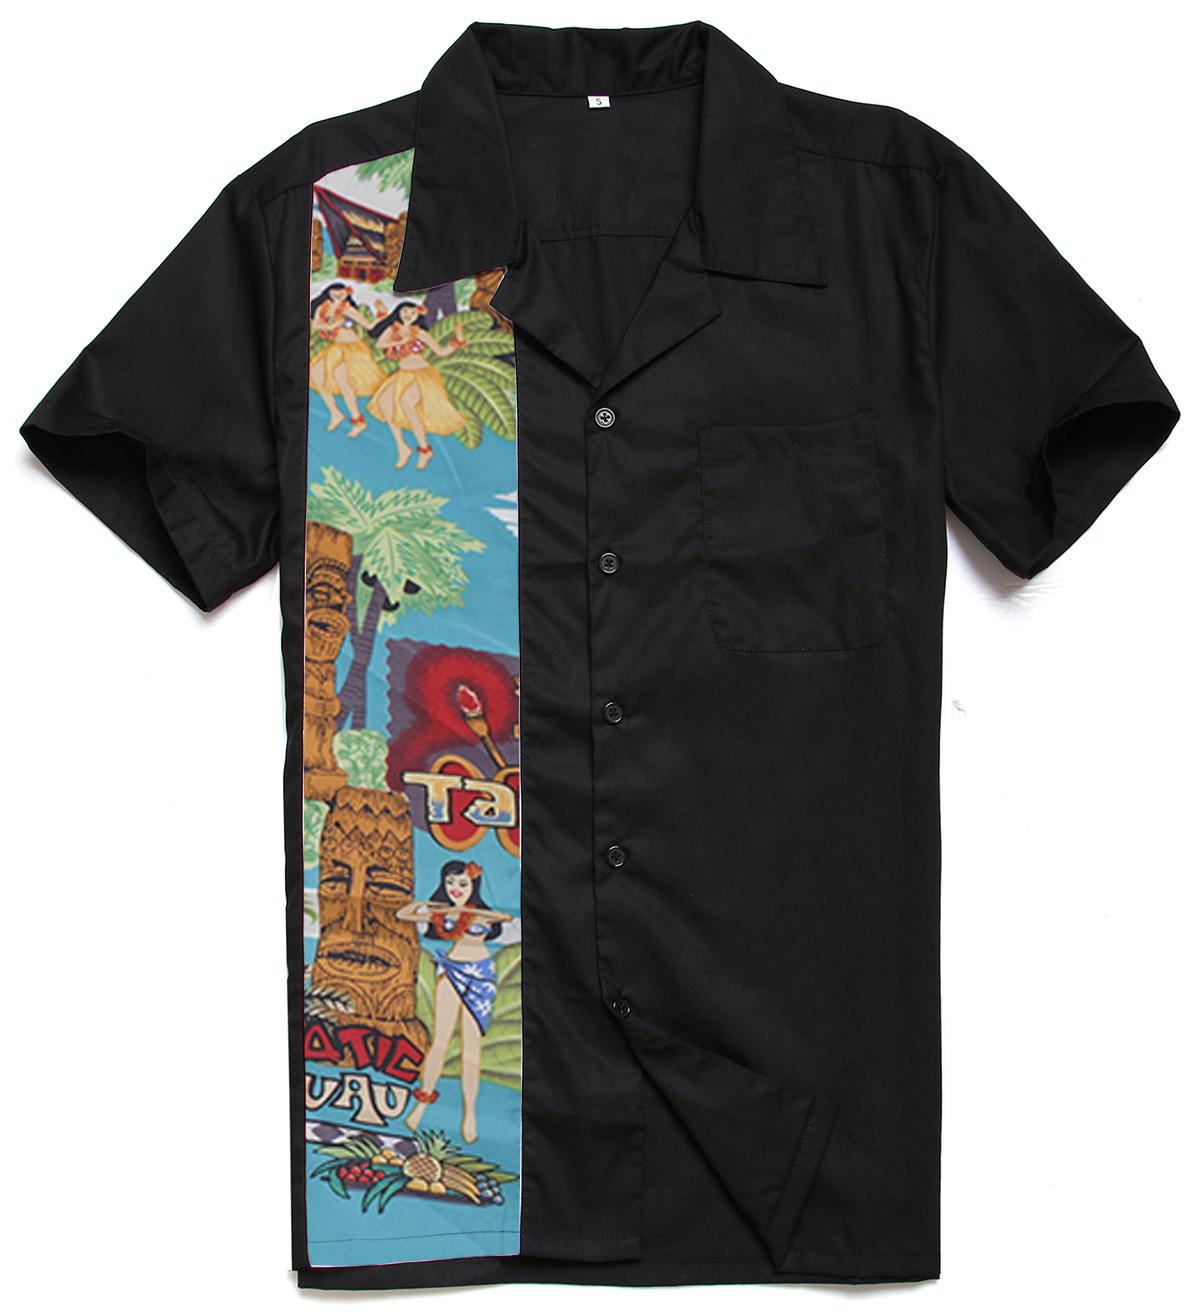 Vintage Shirts Online 9